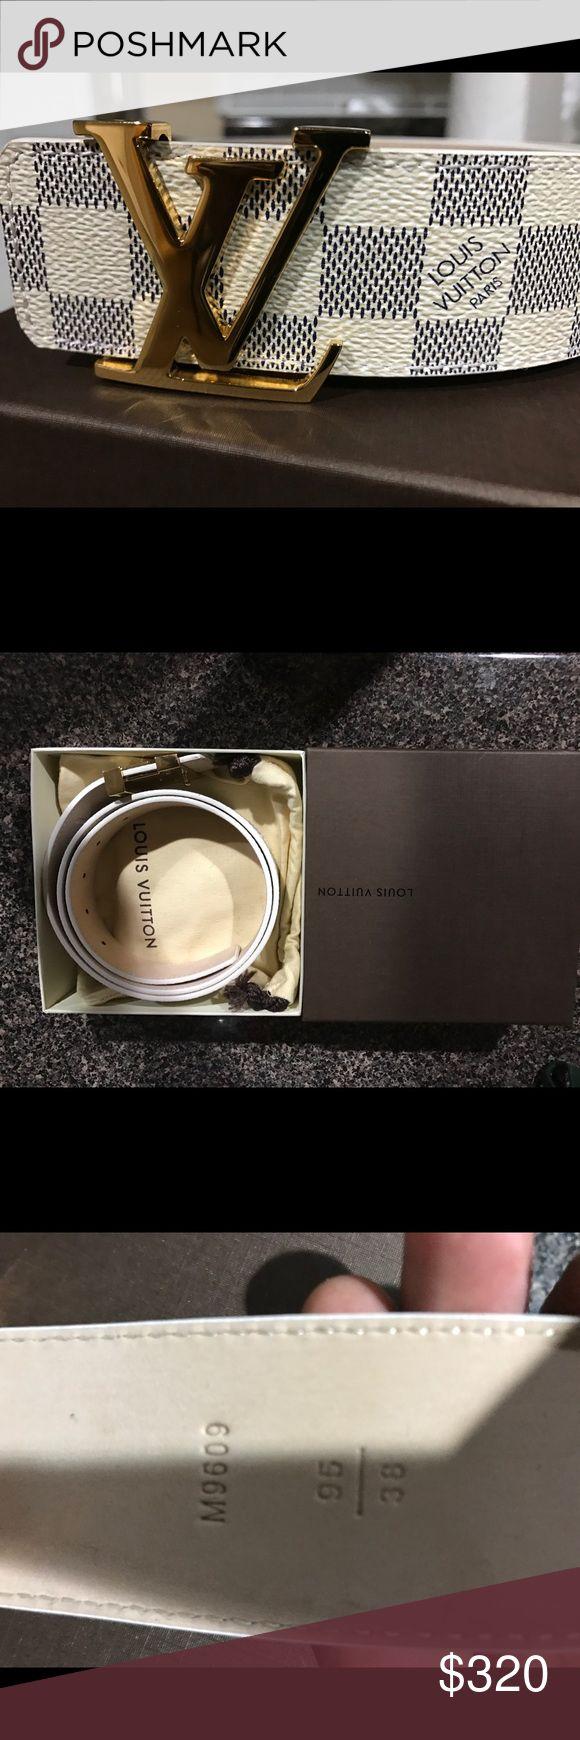 AUTHENTIC LOUIS VUITTON DAMIER AZUR BELT BUCKLE BRAND NEW AUTHENTIC LOUIS VUITTON DAMIER AZUR BELT BUCKLE SIZE 95/38 Louis Vuitton Accessories Belts